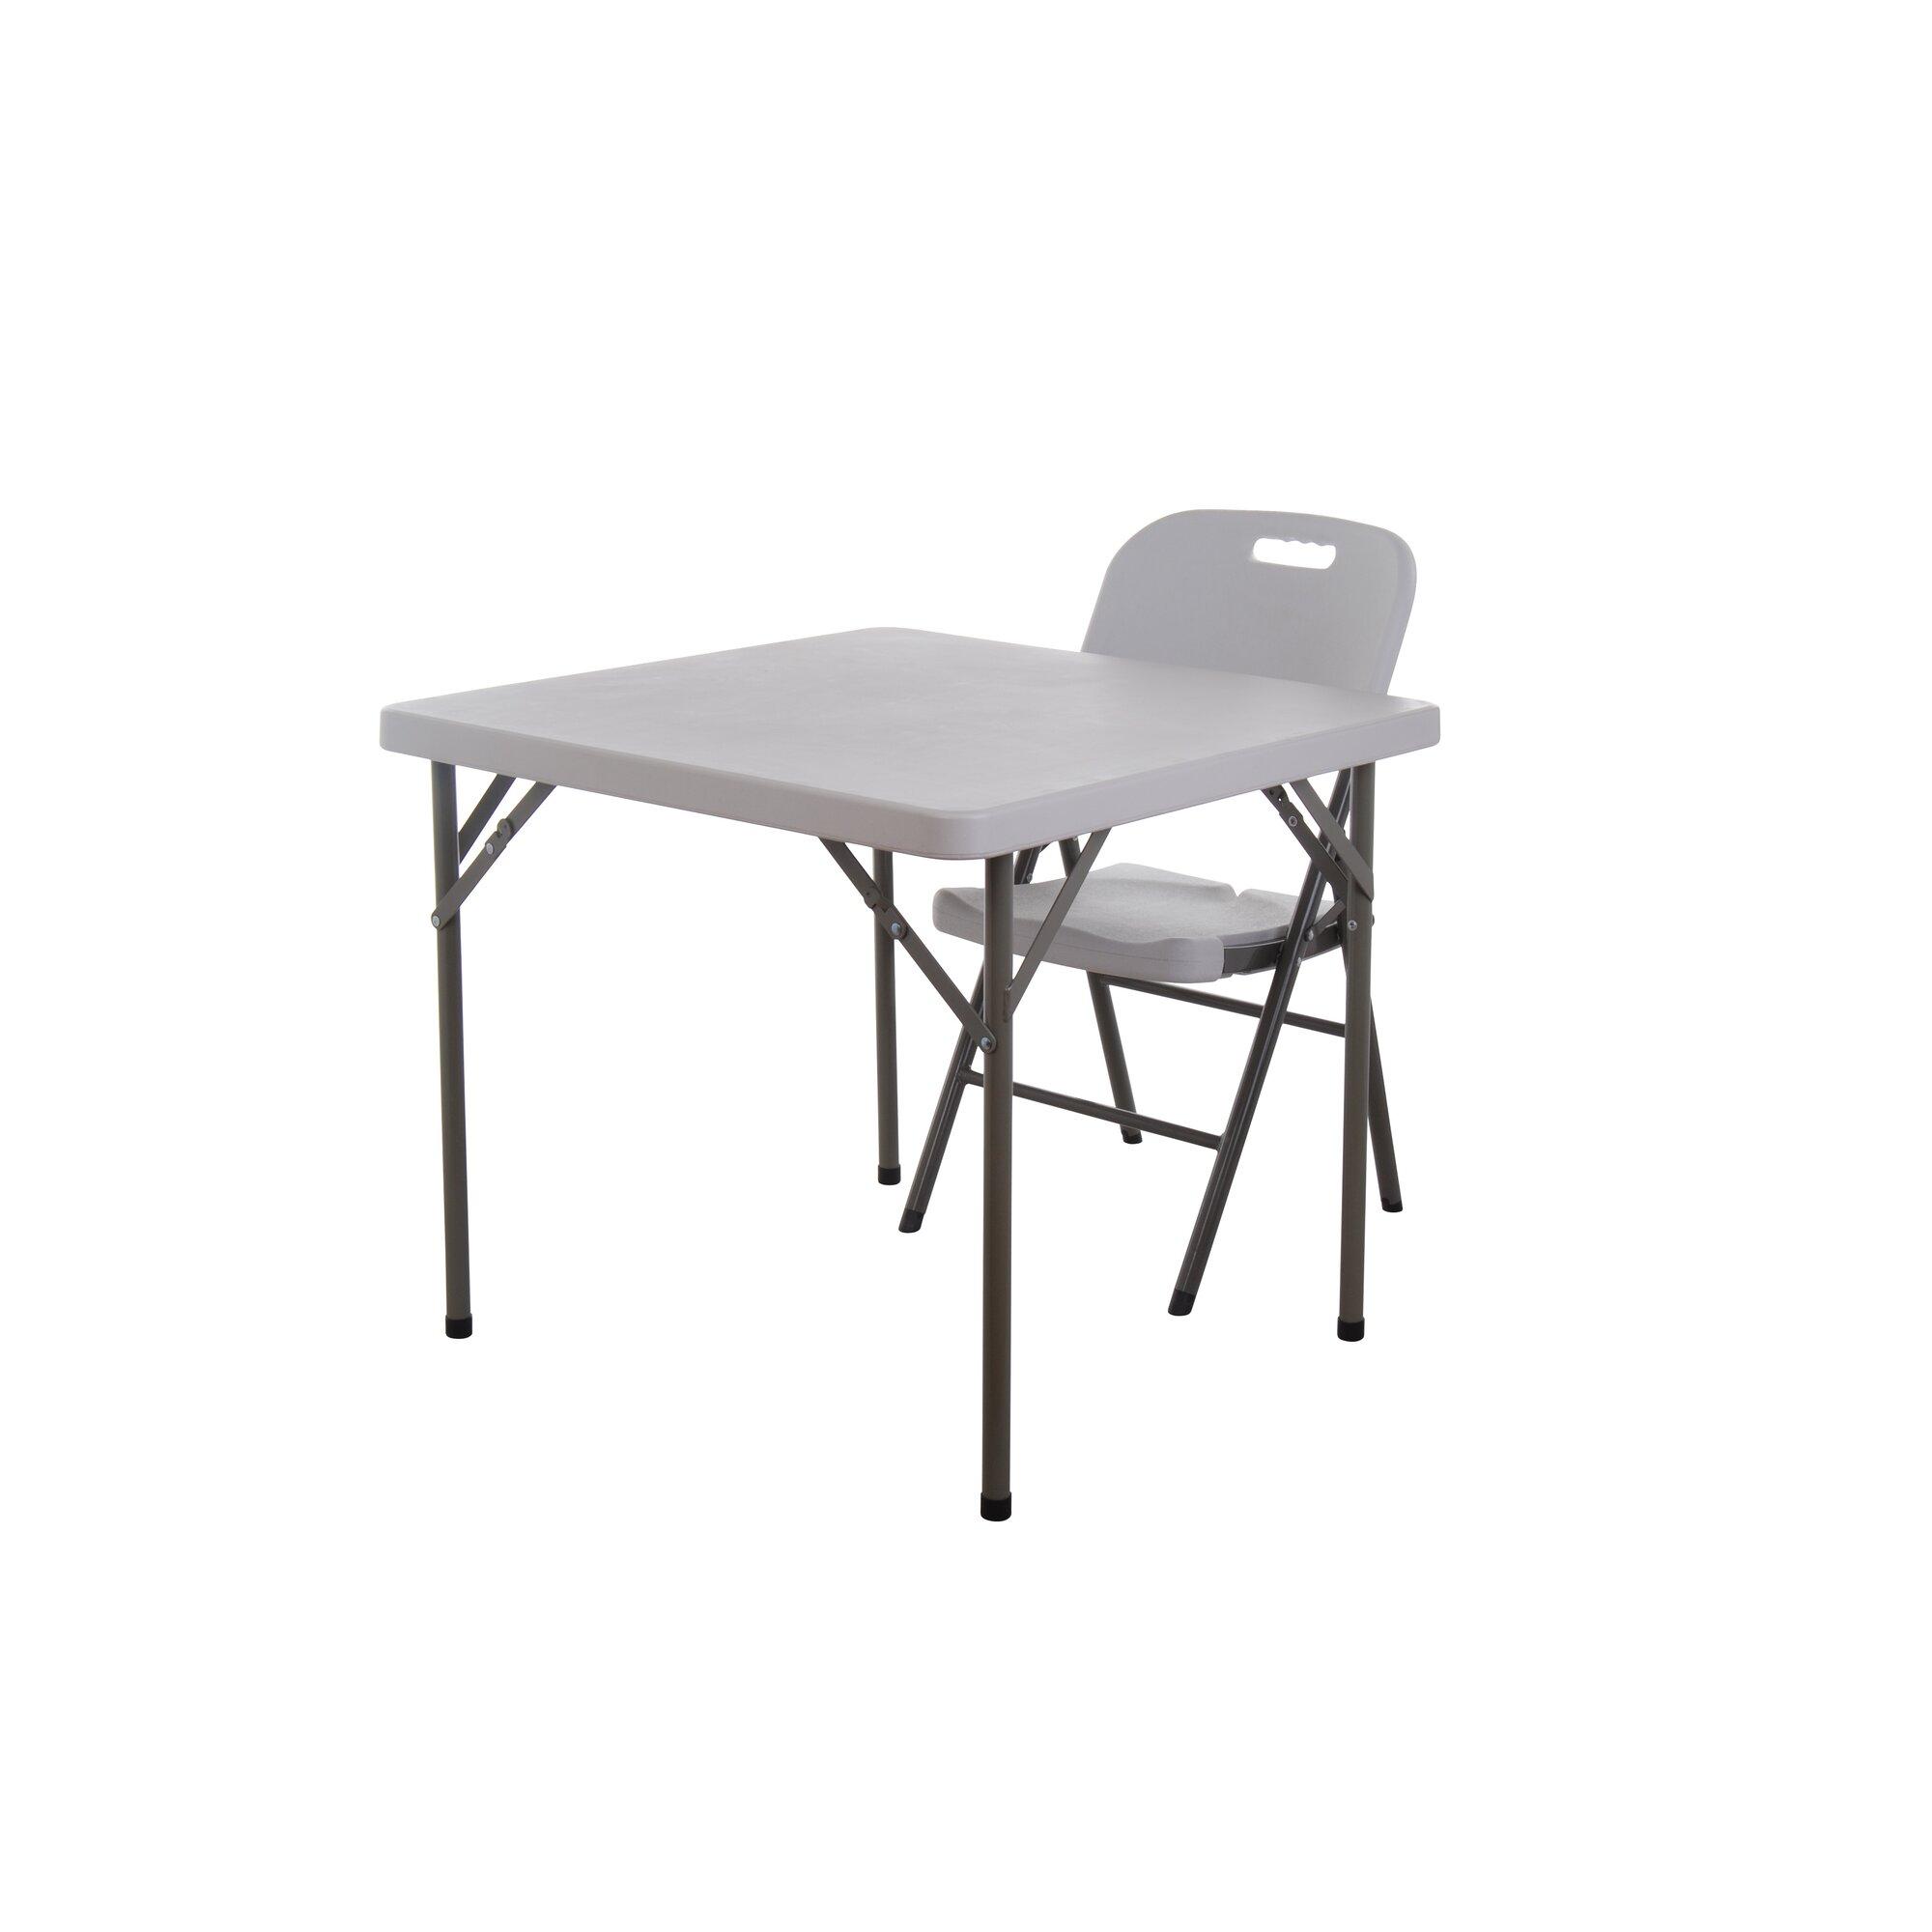 Square folding tables - Homcom 34 Square Folding Table